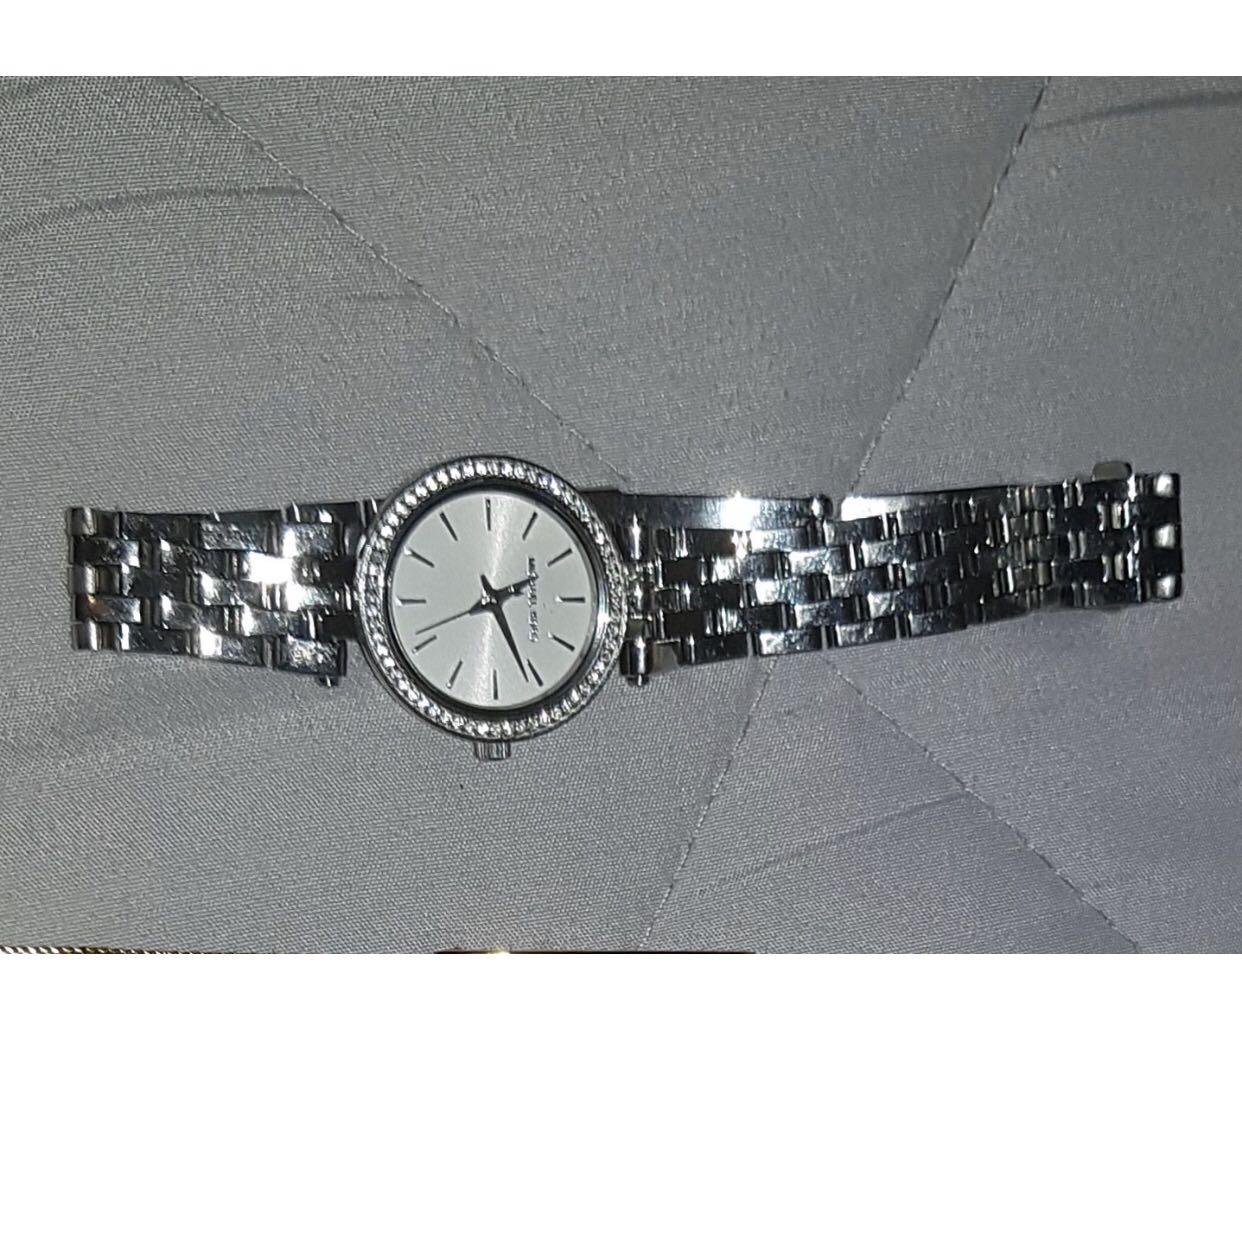 שעון-מייקל-קורס - יד 2